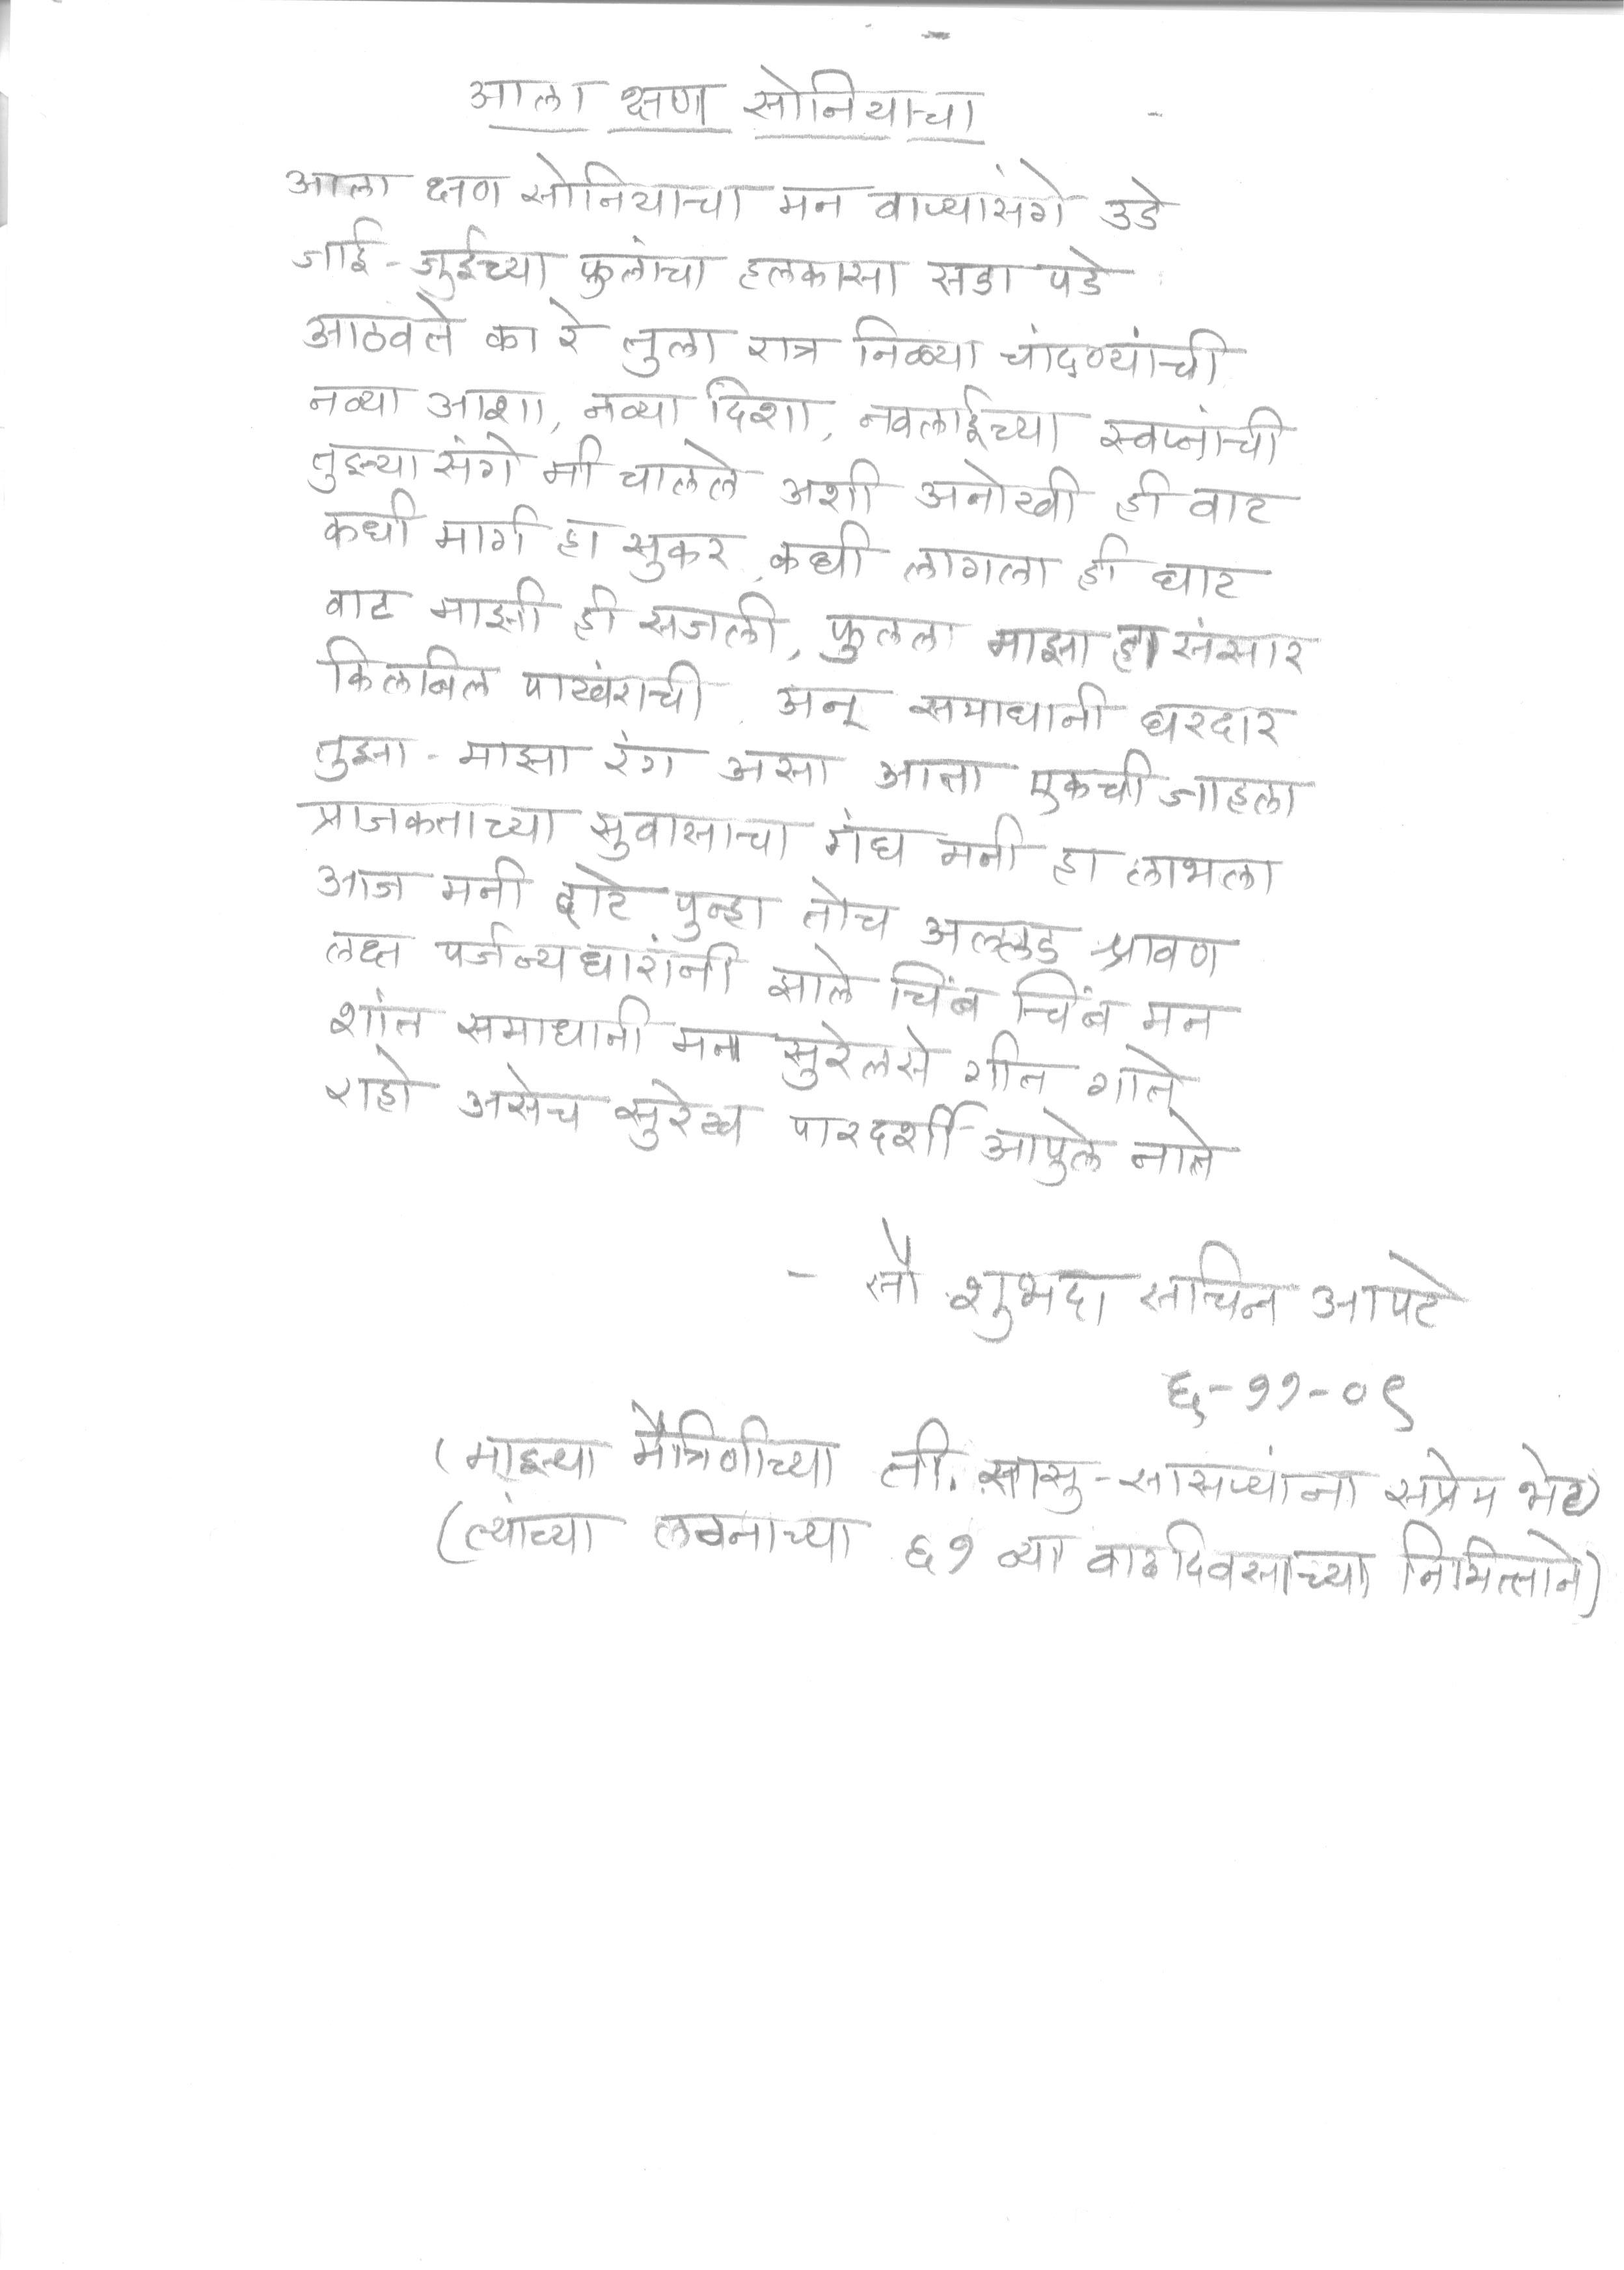 marathi essay on shabd Marathi essay on shabd व्युत्पत्ती इंग्रजी essay या शब्दाचा उगम  फ्रेंच भाषेतील essayer alexander smith essays on abortion, yale.